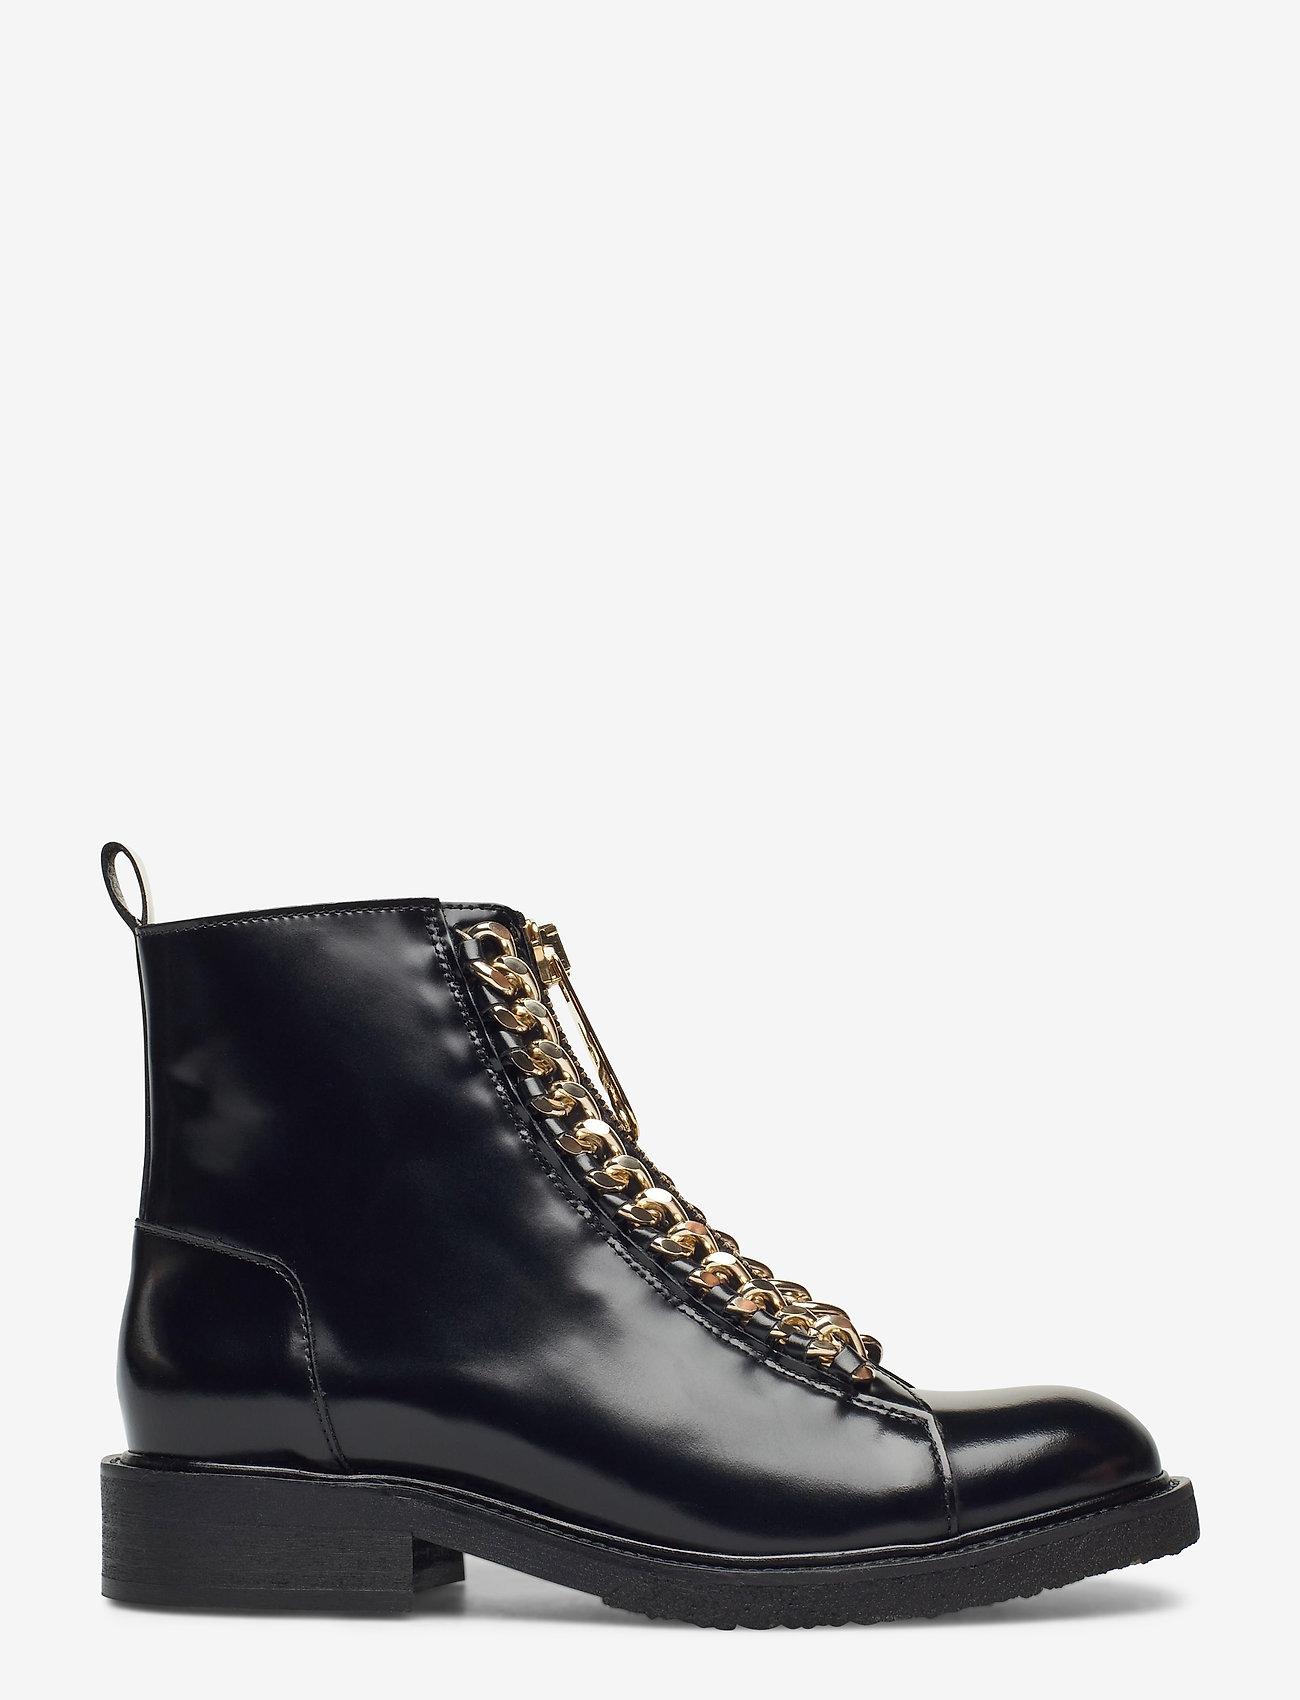 Boots 7428 (Black Polido/ Gold 902) (249 €) - Billi Bi EtX7x